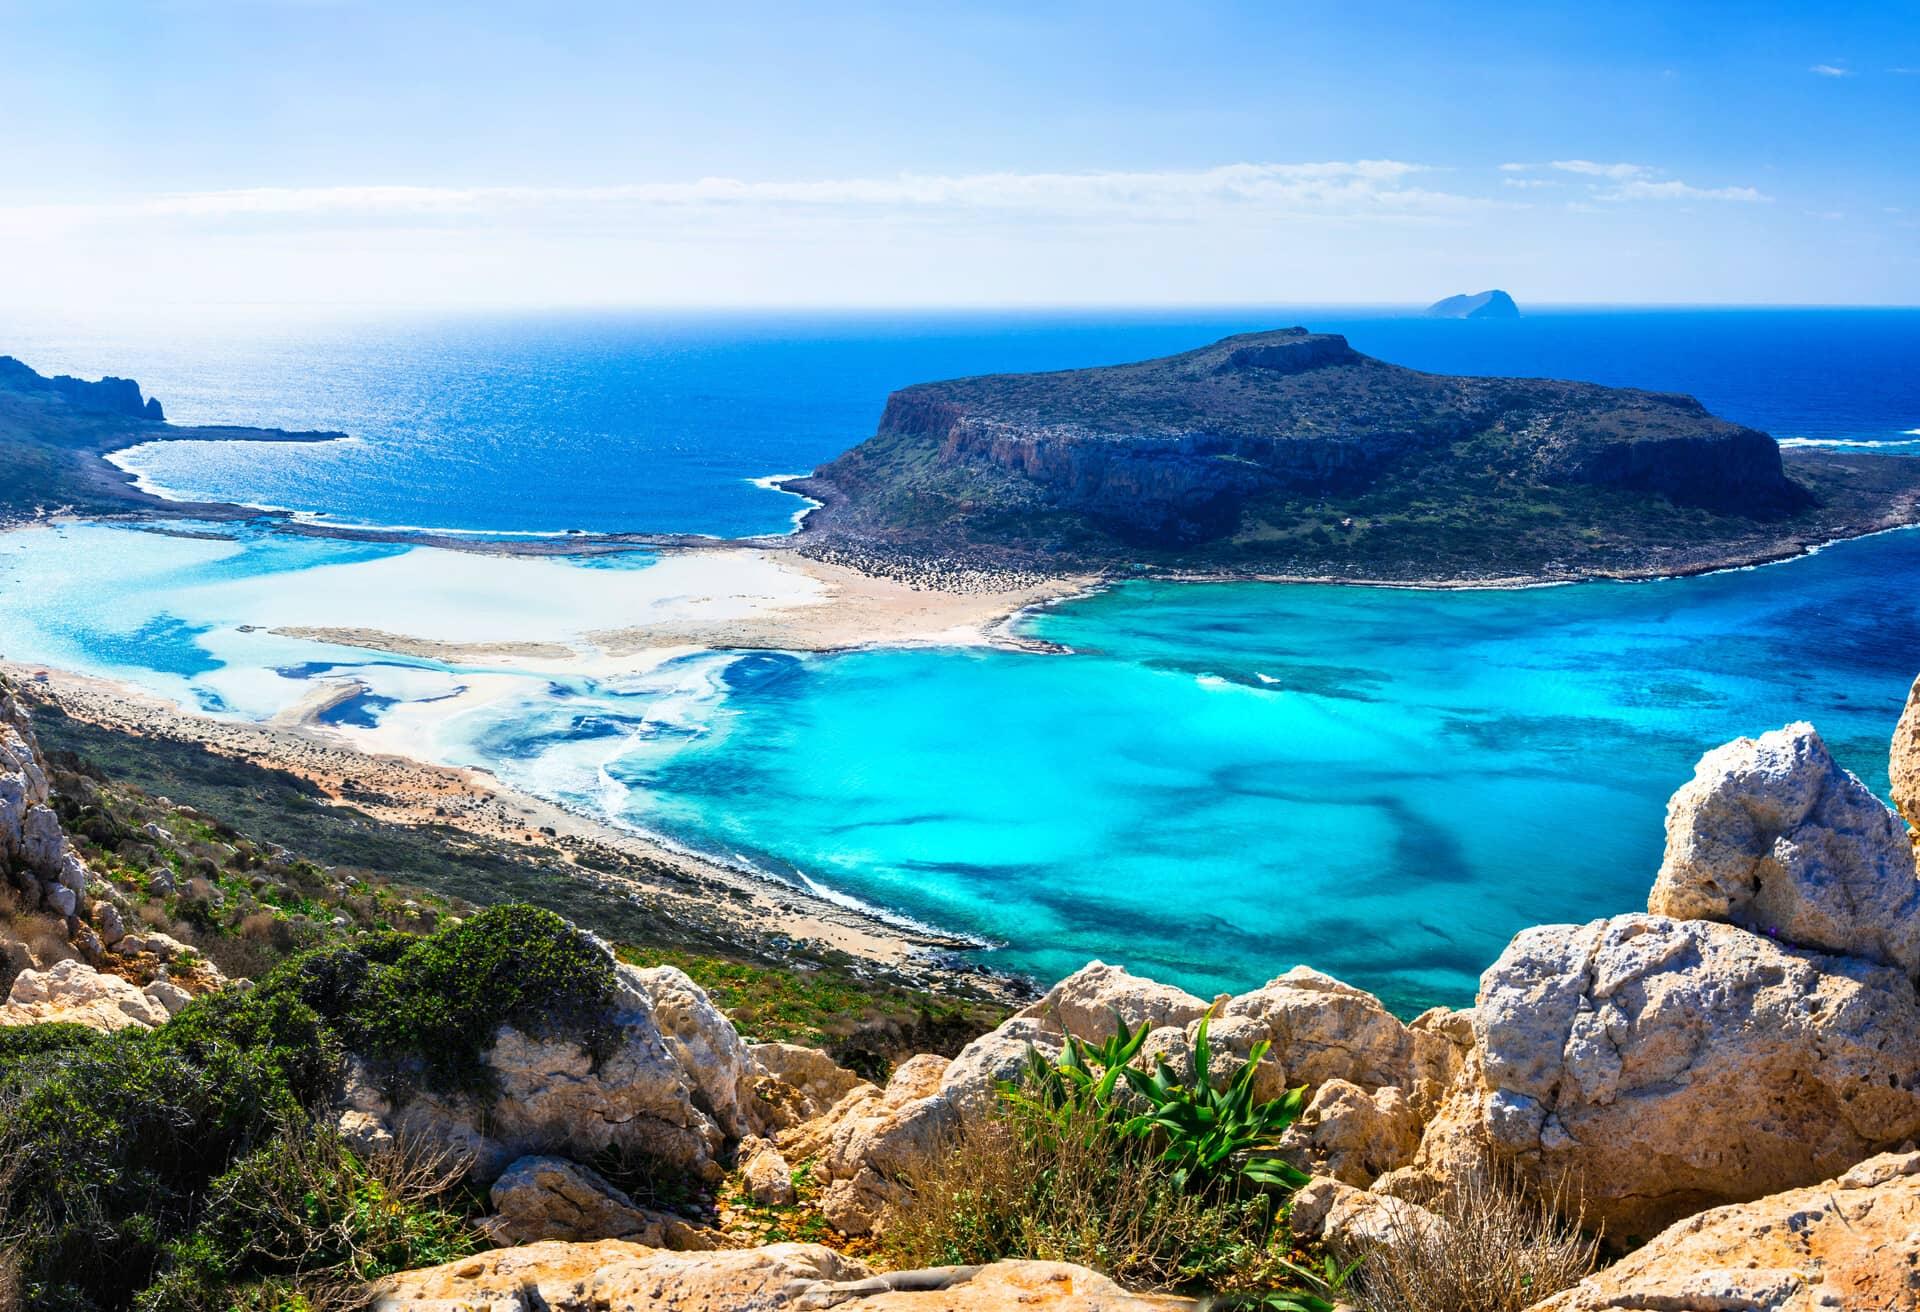 Vistas impresionantes de Creta, Grecia.